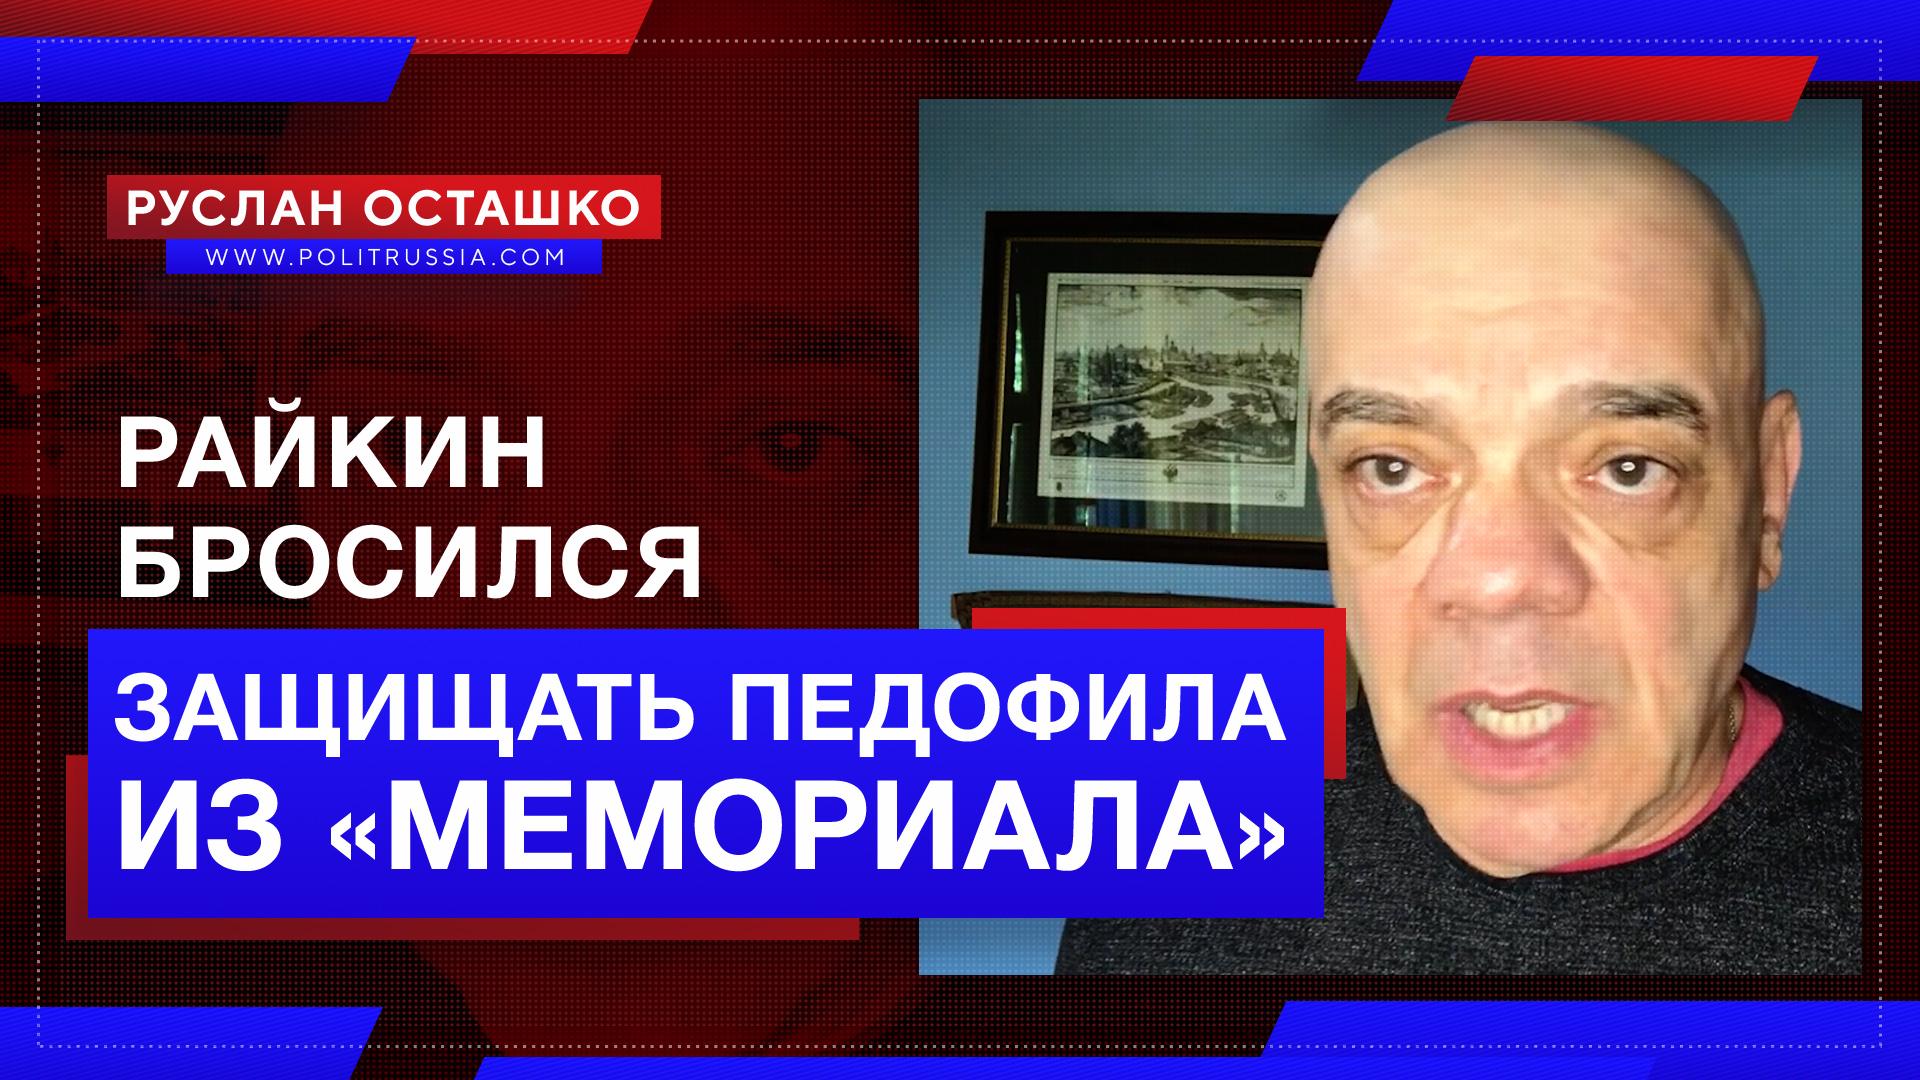 Либерал Райкин бросился защищать педофила из «Мемориала» колонна